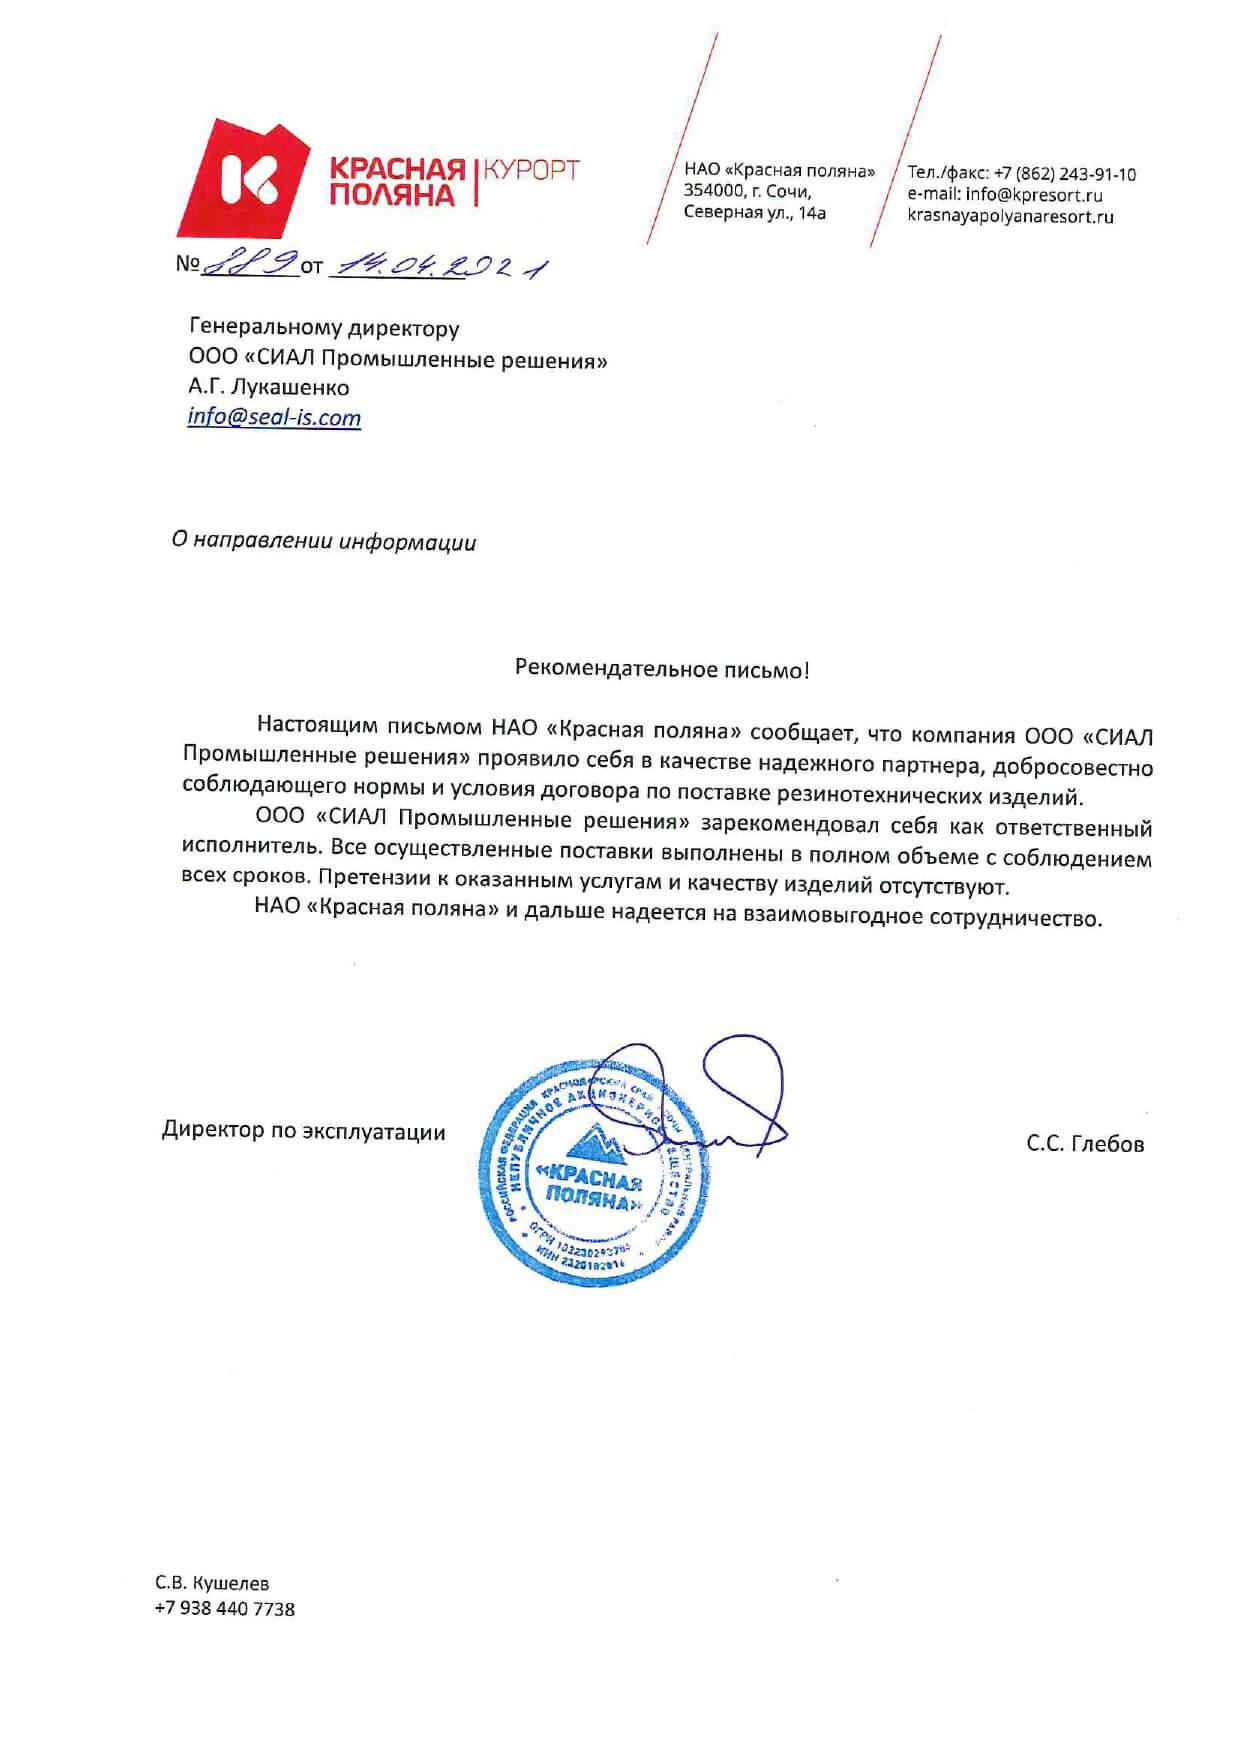 """Рекомендательное письмо от НАО """"Красная поляна"""""""